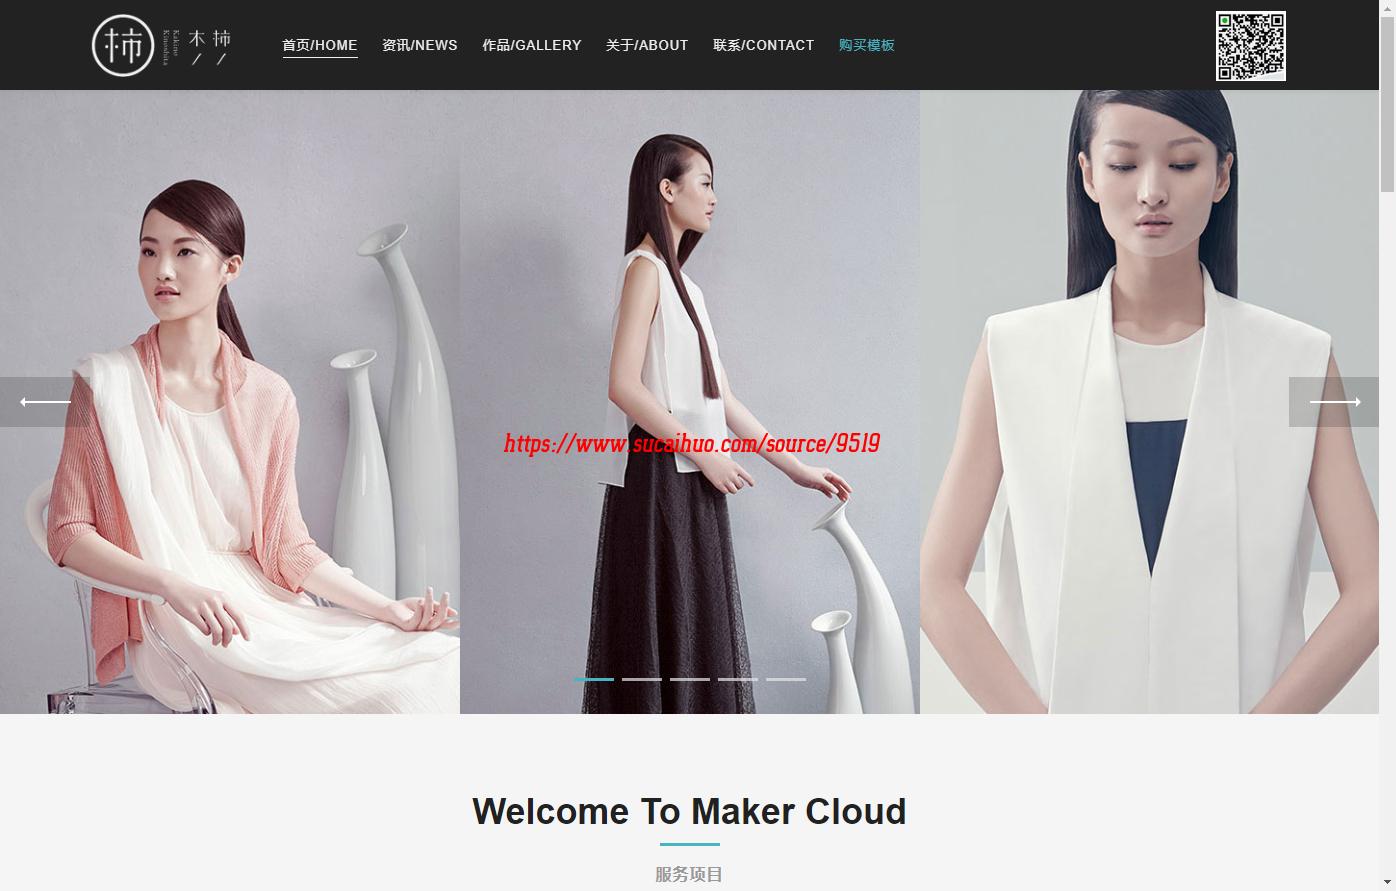 高端模特服装设计类网站模板源码 企业级通用响应式模板源码